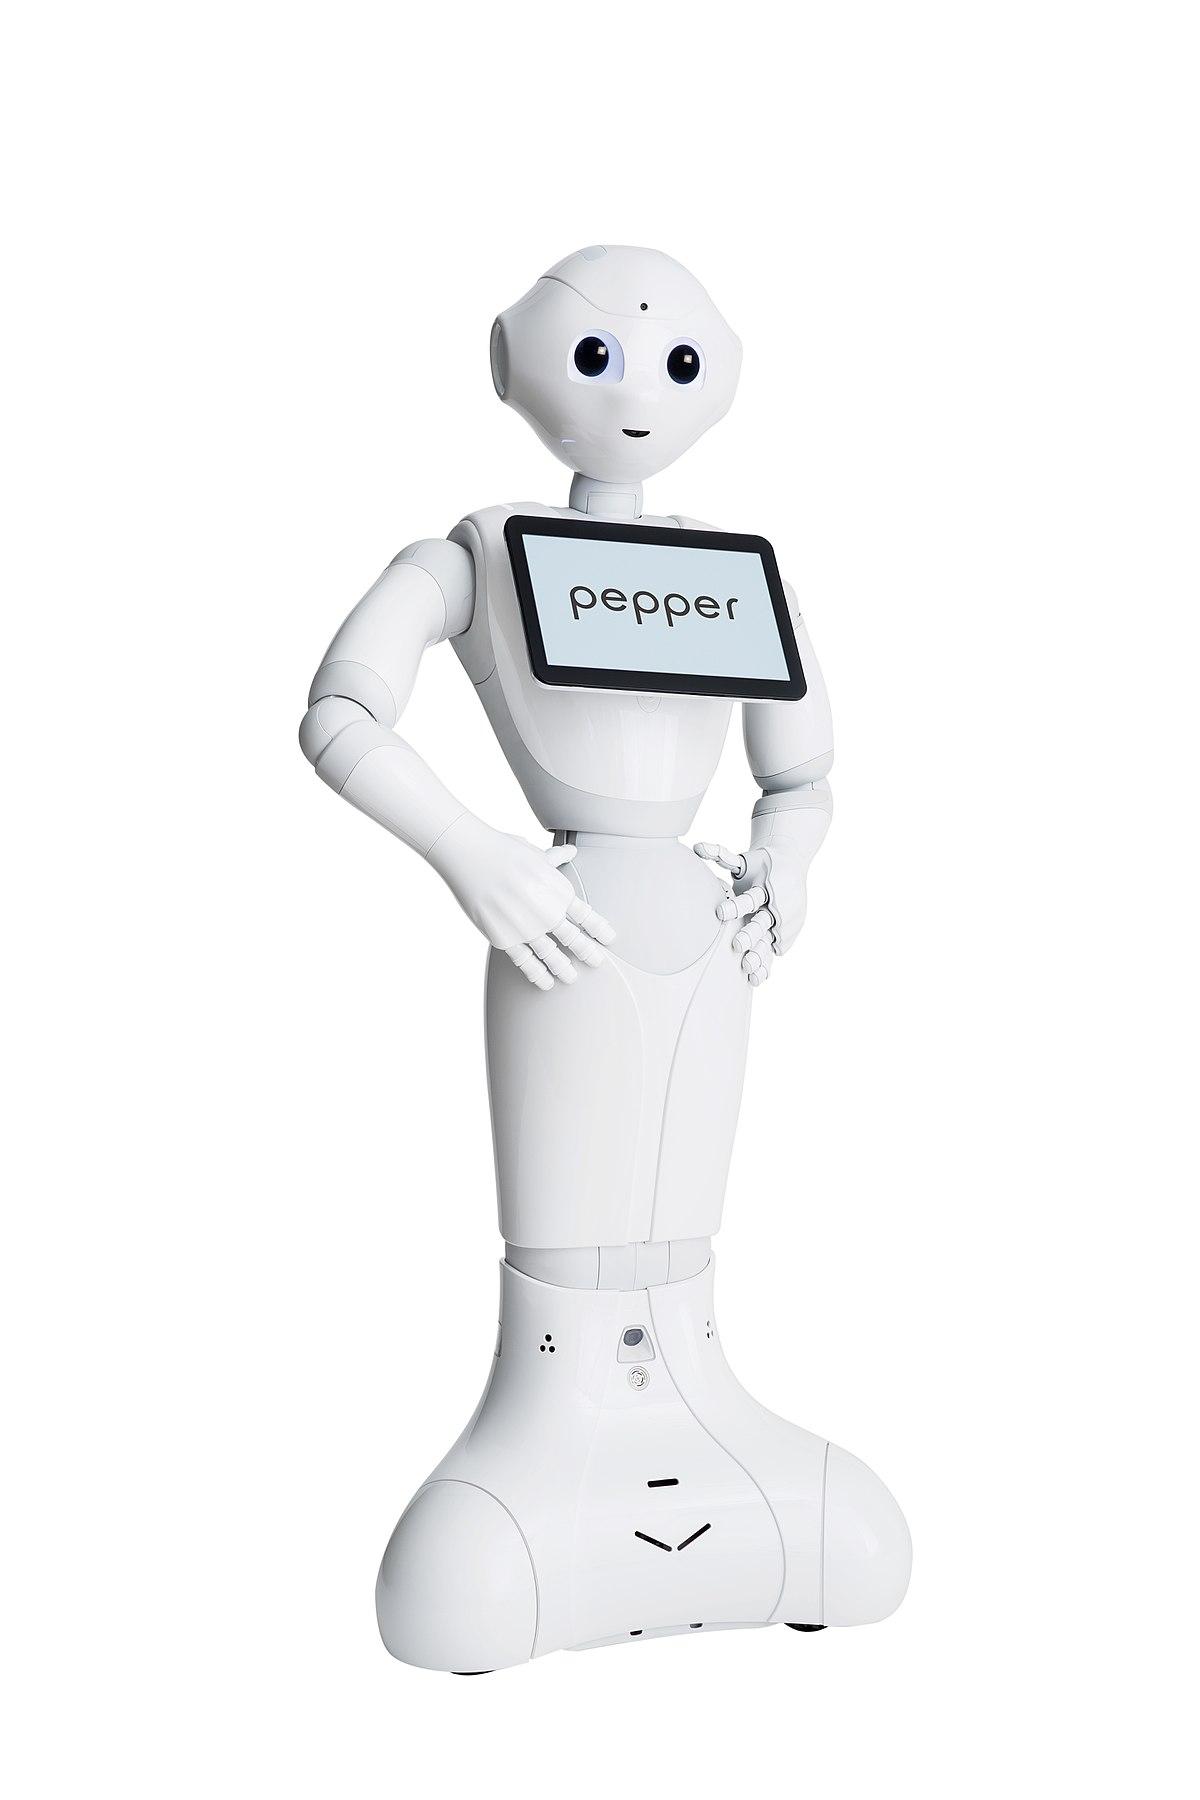 pepper robot � wikip233dia